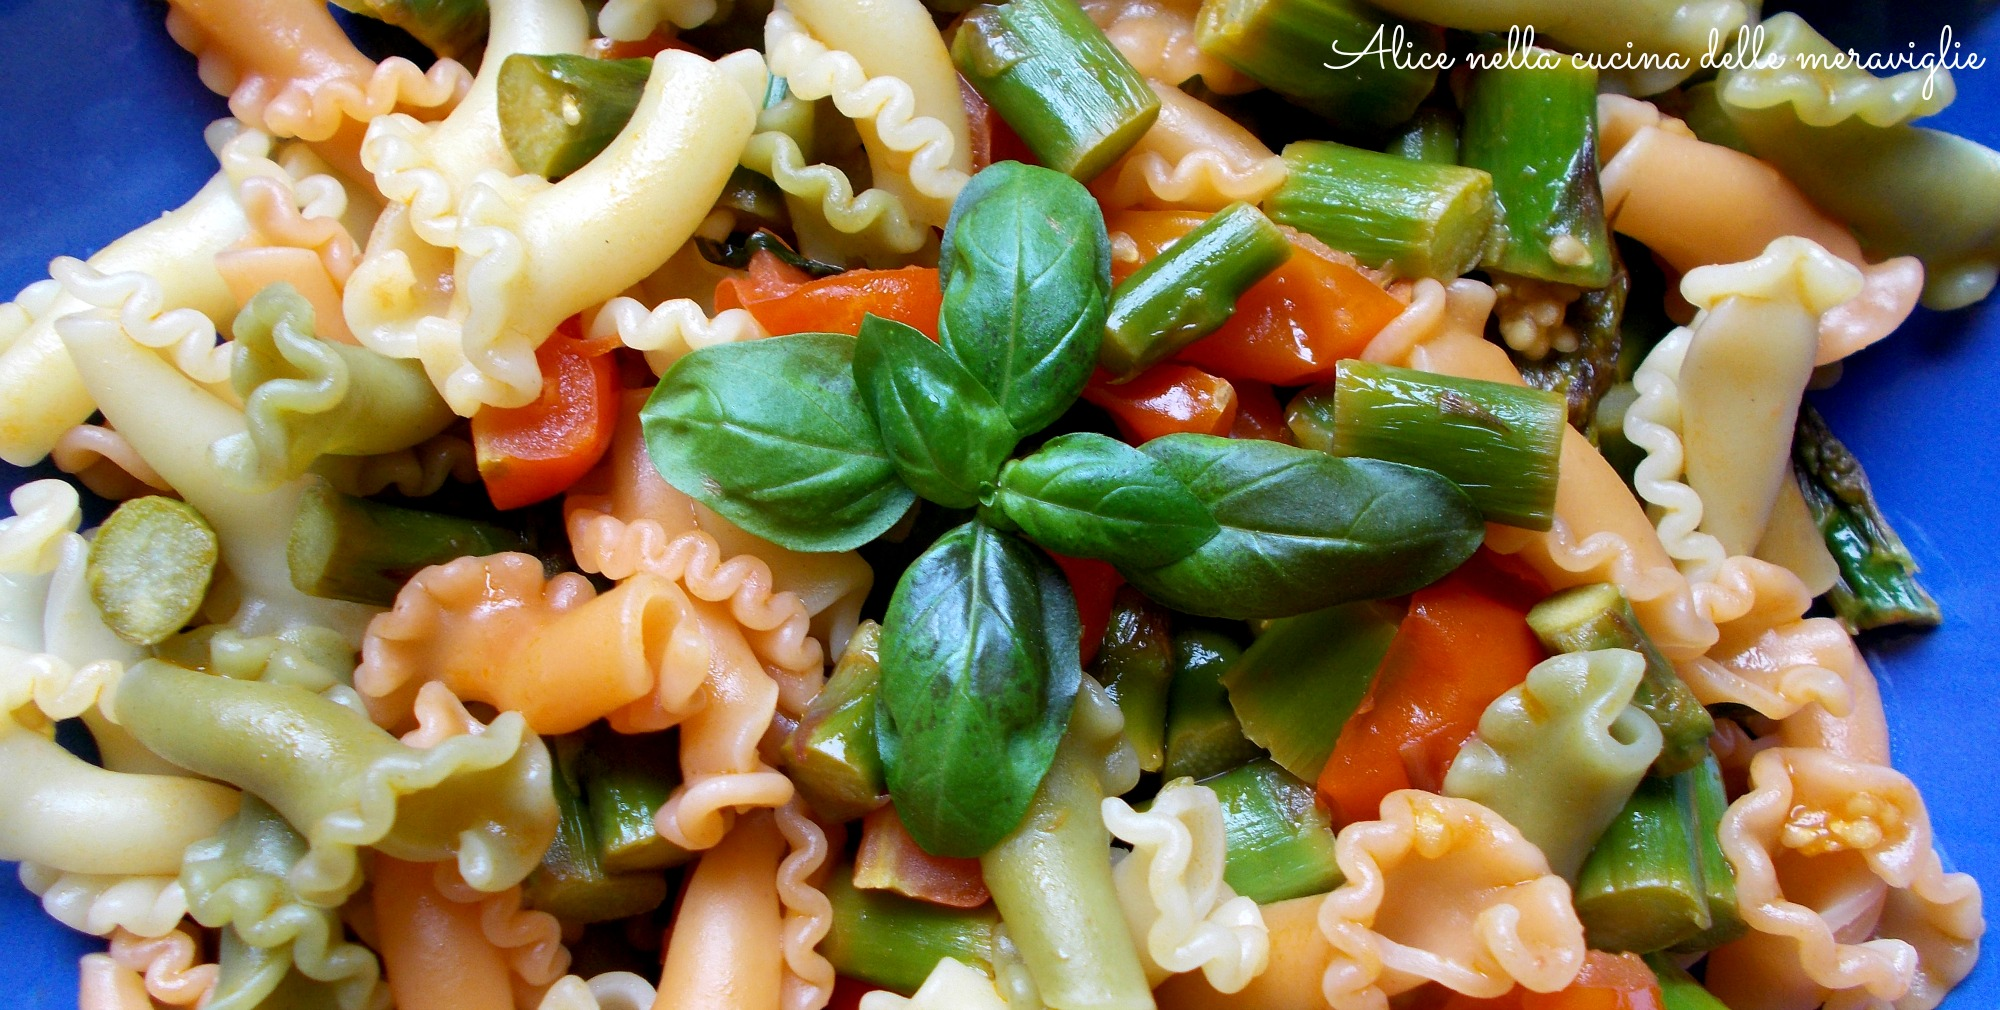 Pasta con asparagi, pomodorini e basilico Ricetta primo piatto vegano Alice nella cucina delle meraviglie